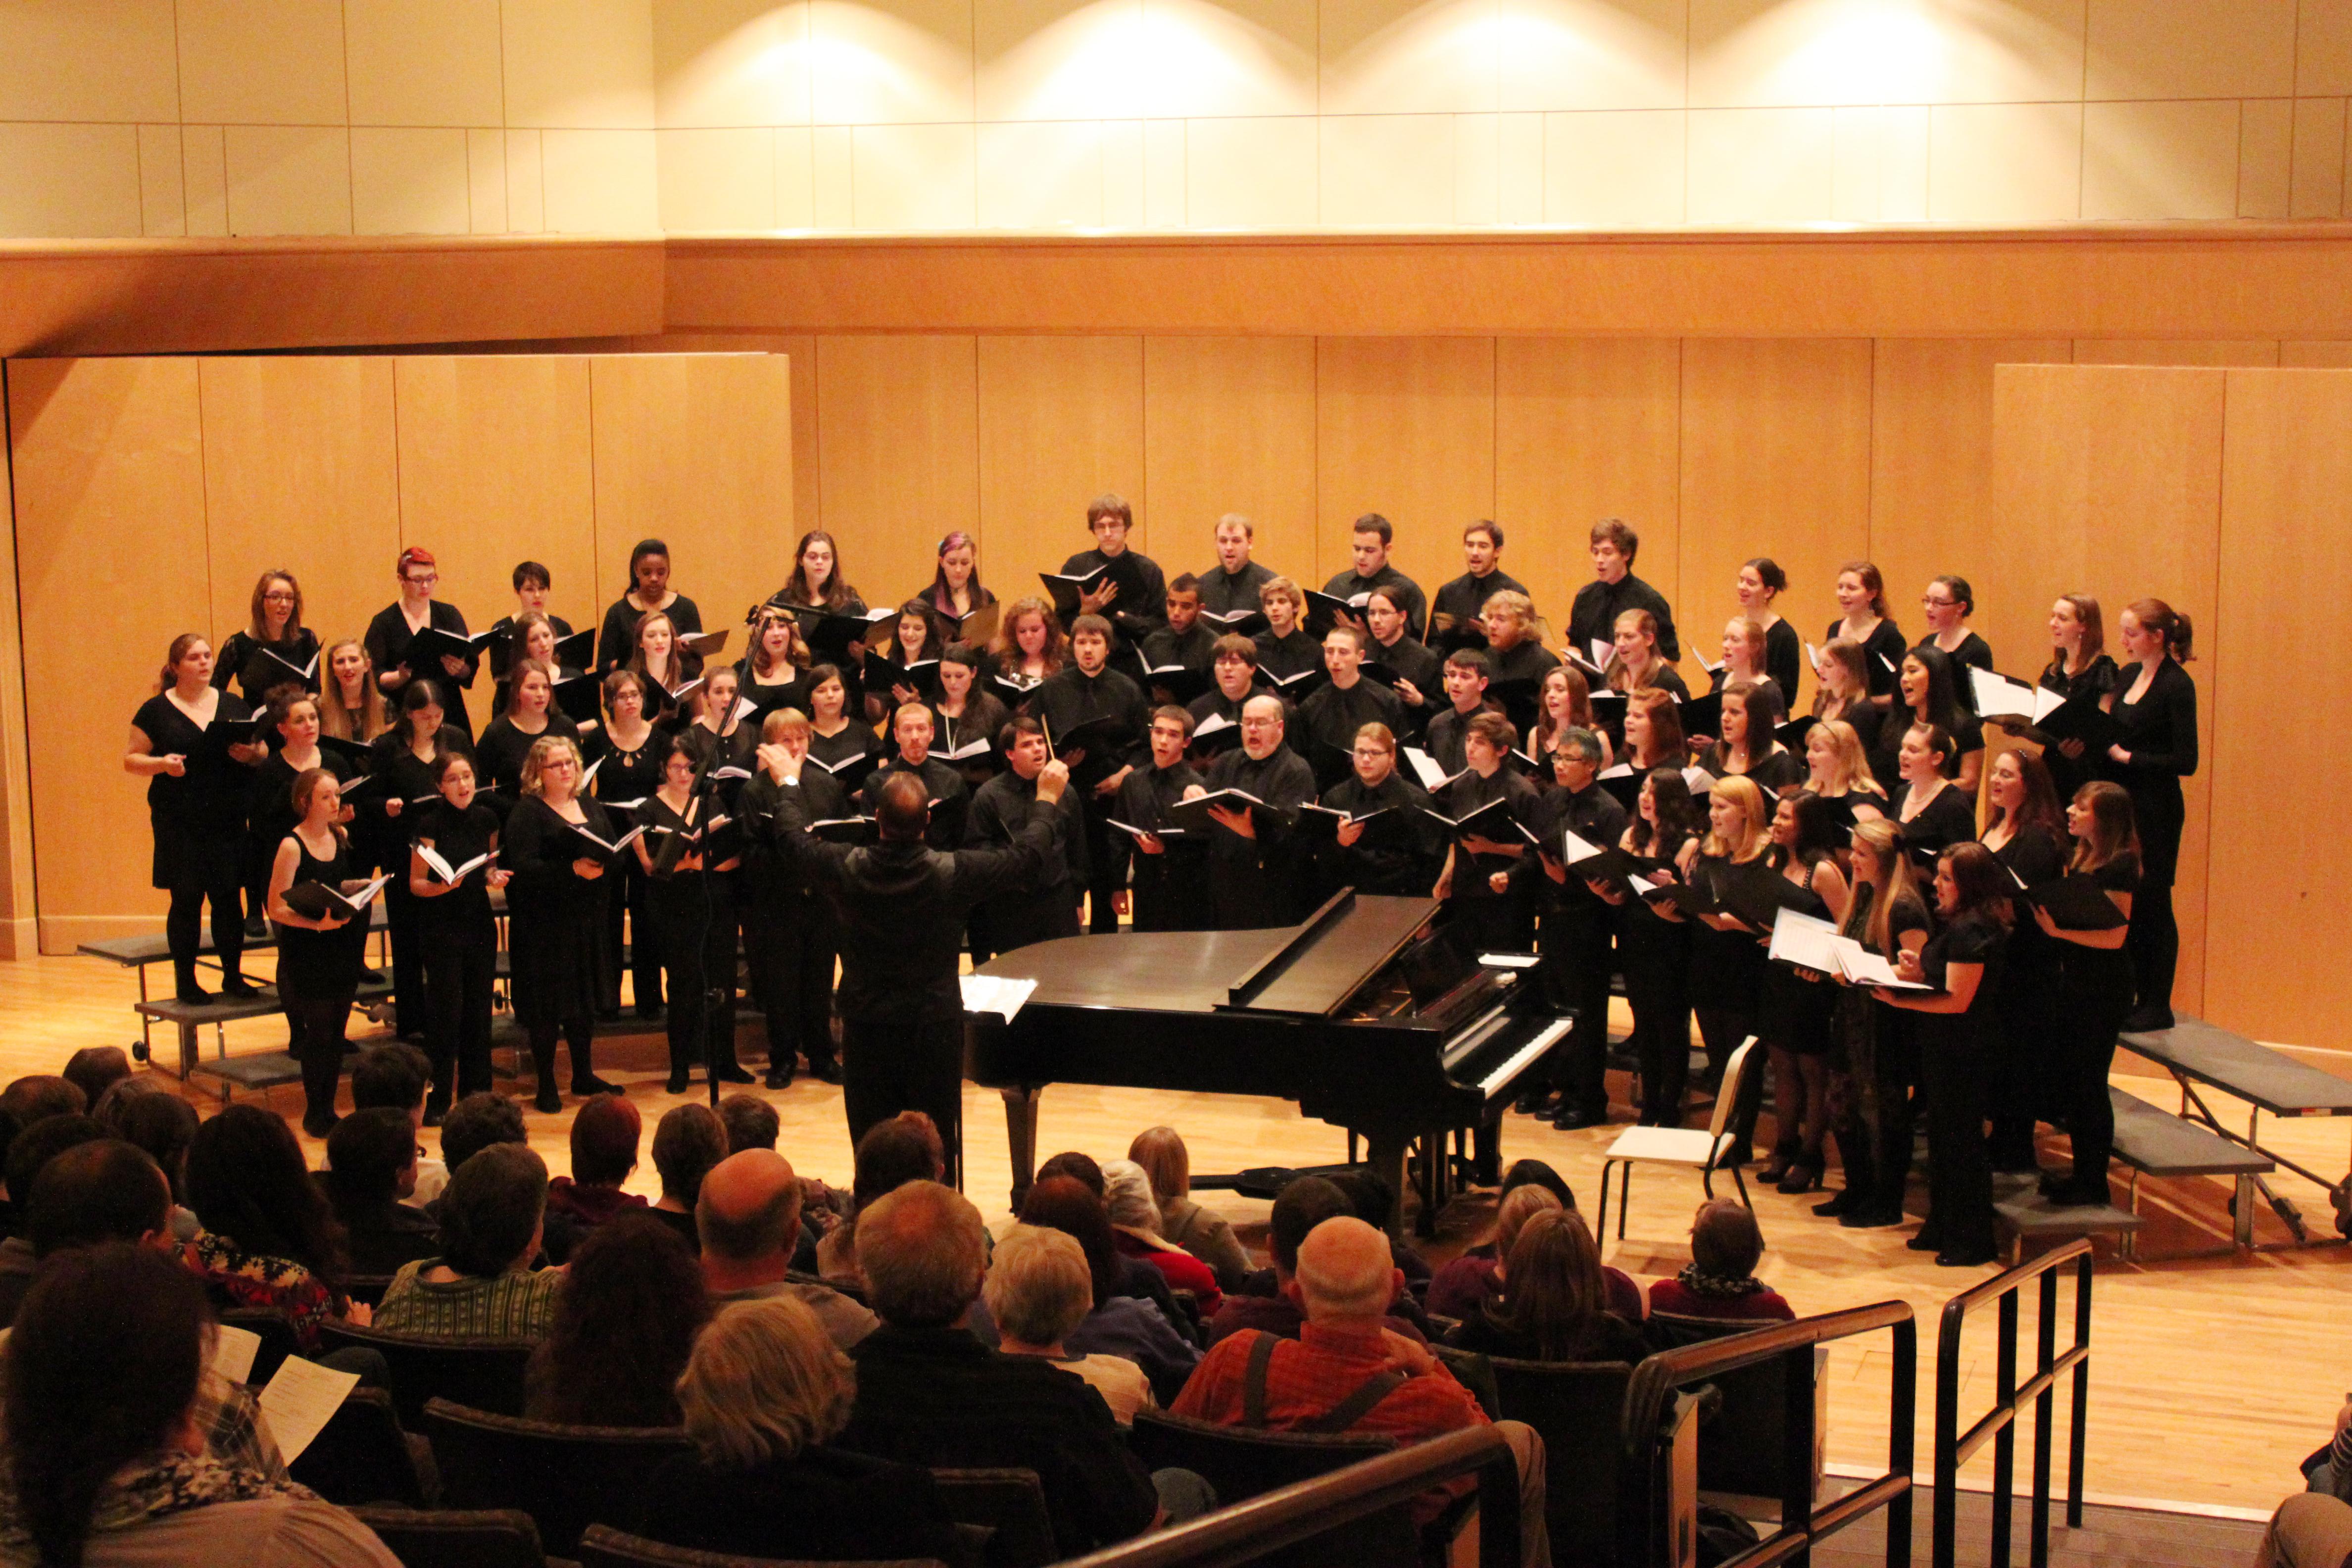 UMaine Collegiate Chorale Concert